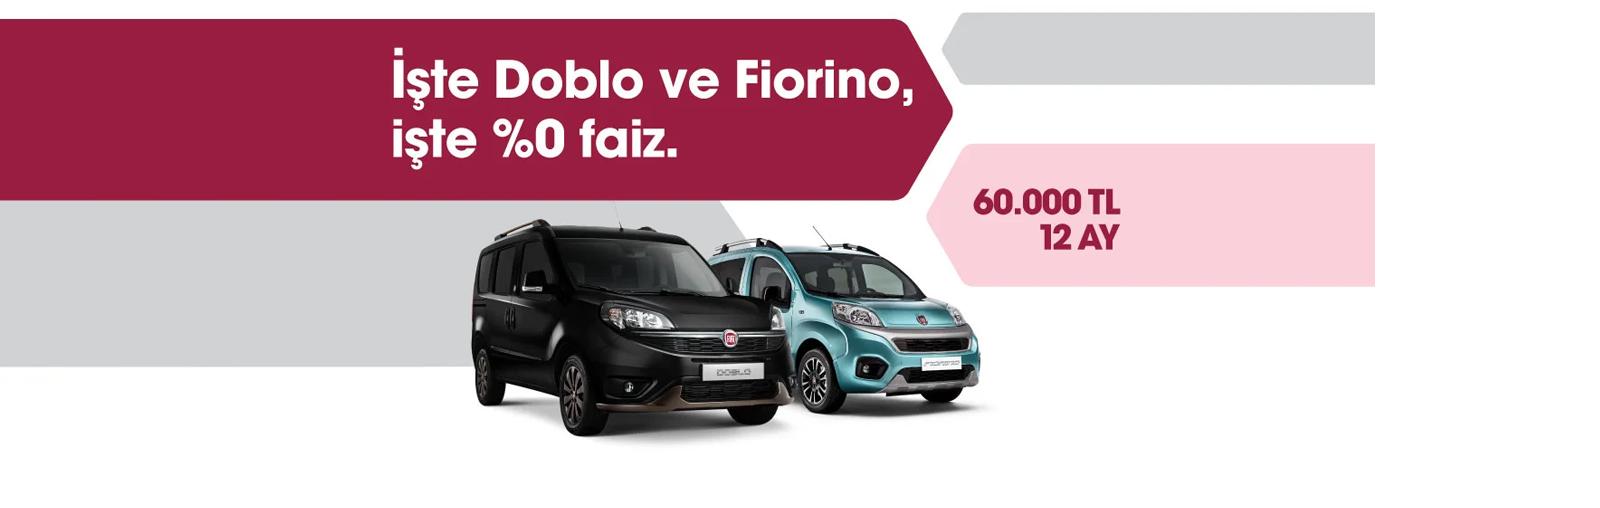 Sıfır Fiat Doblo